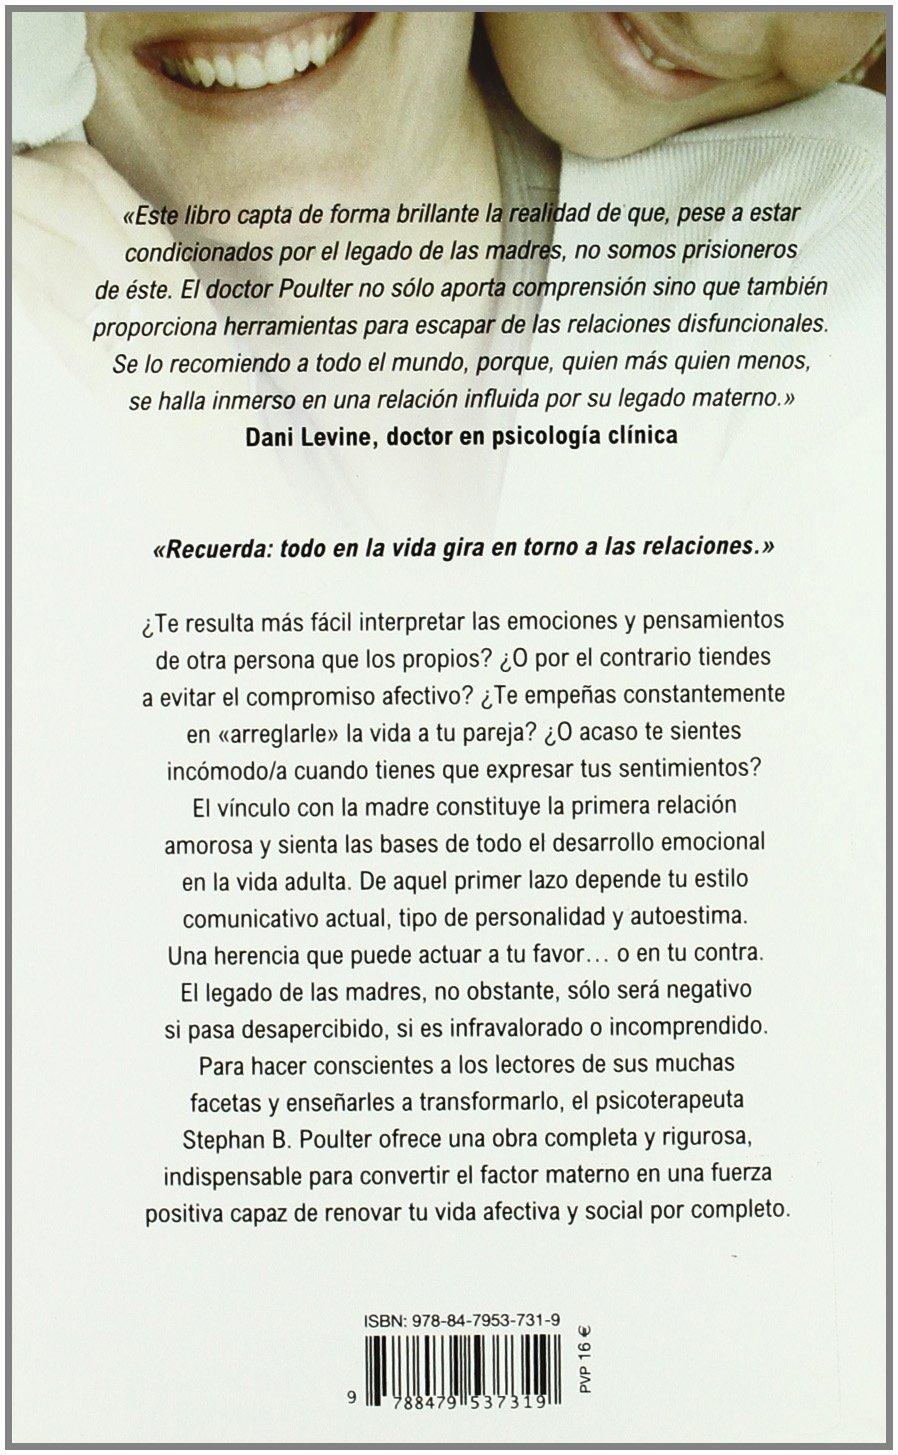 El legado de las madres (Spanish Edition): Stephan Poulter ...